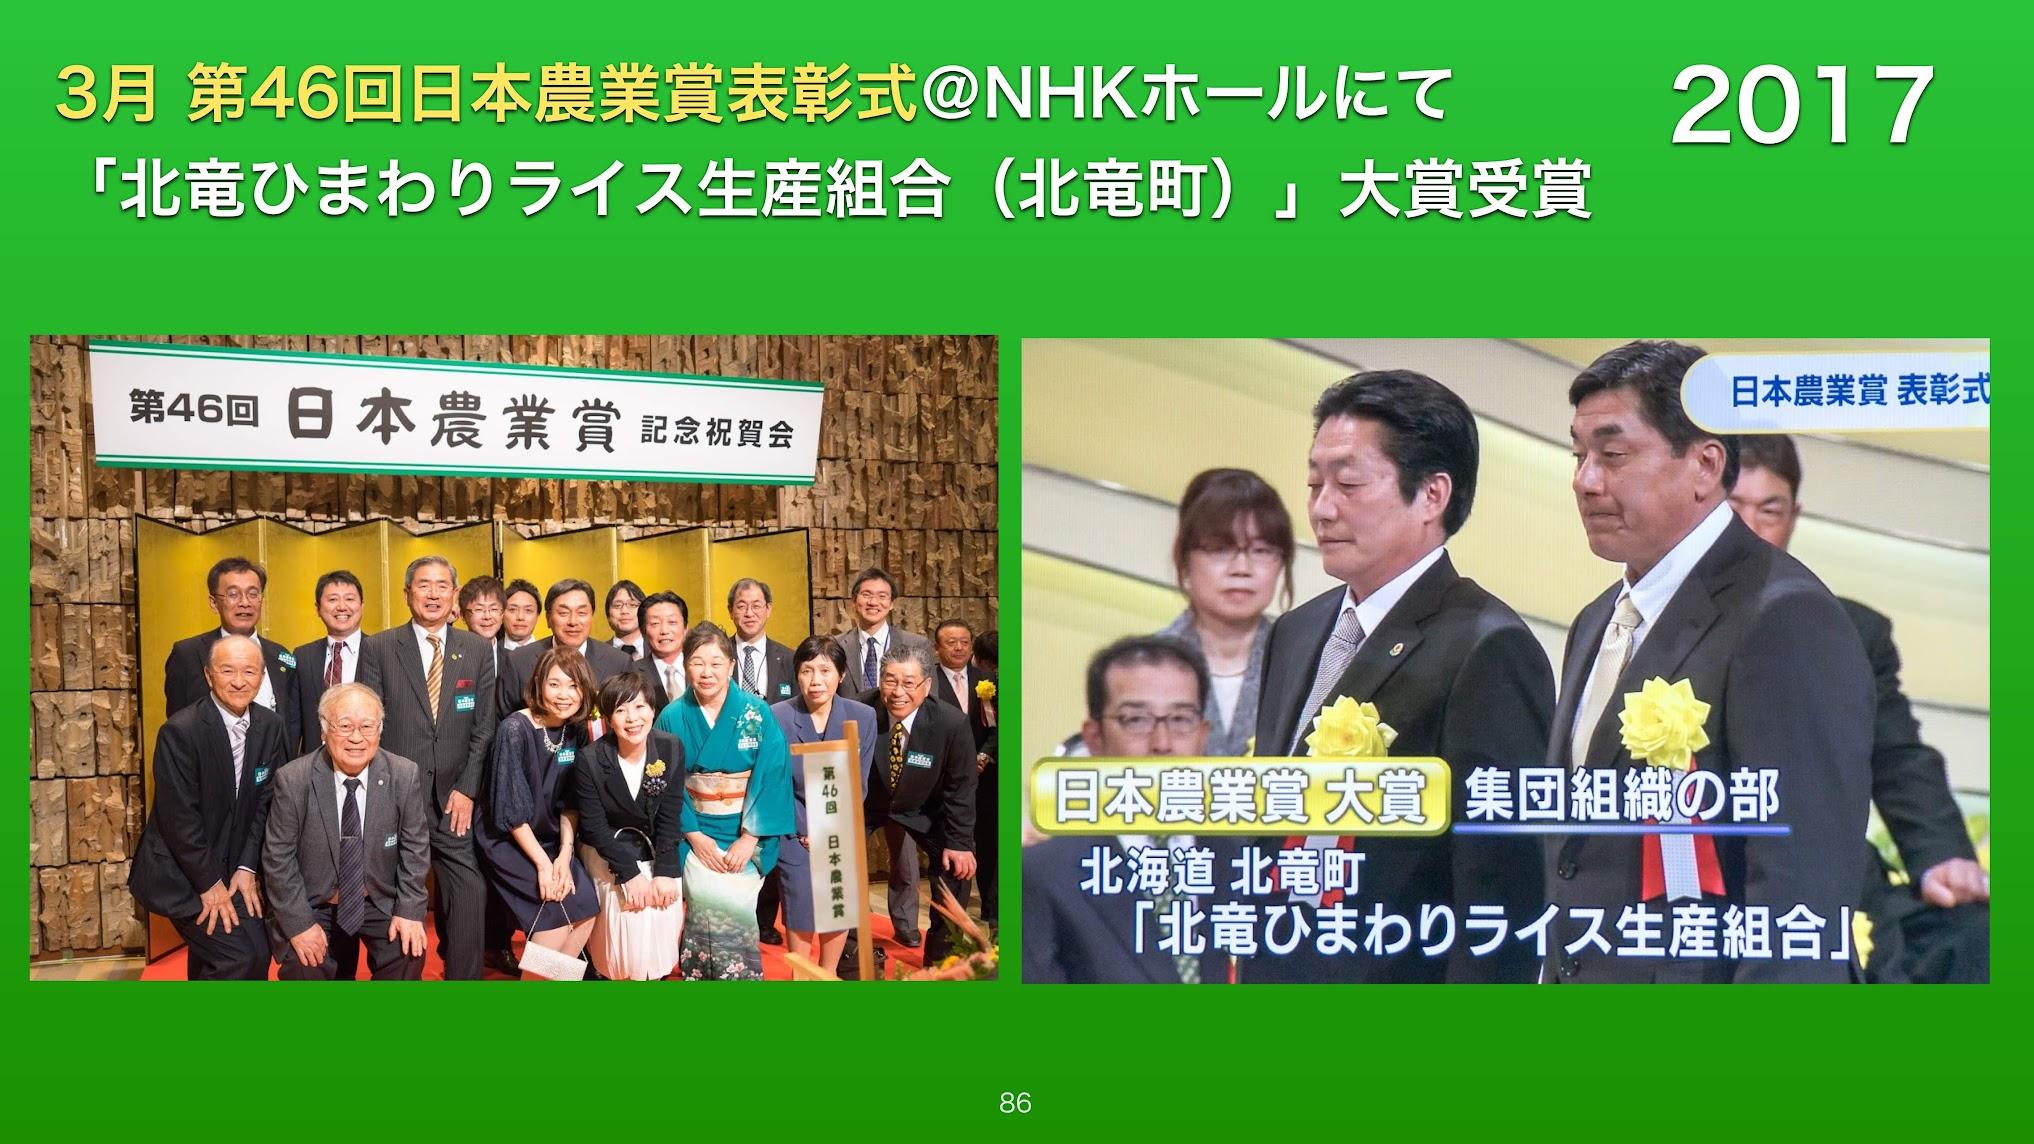 3月:第46回日本農業賞表彰式@NHKホール「北竜町ひまわりライス生産組合」大賞受賞!